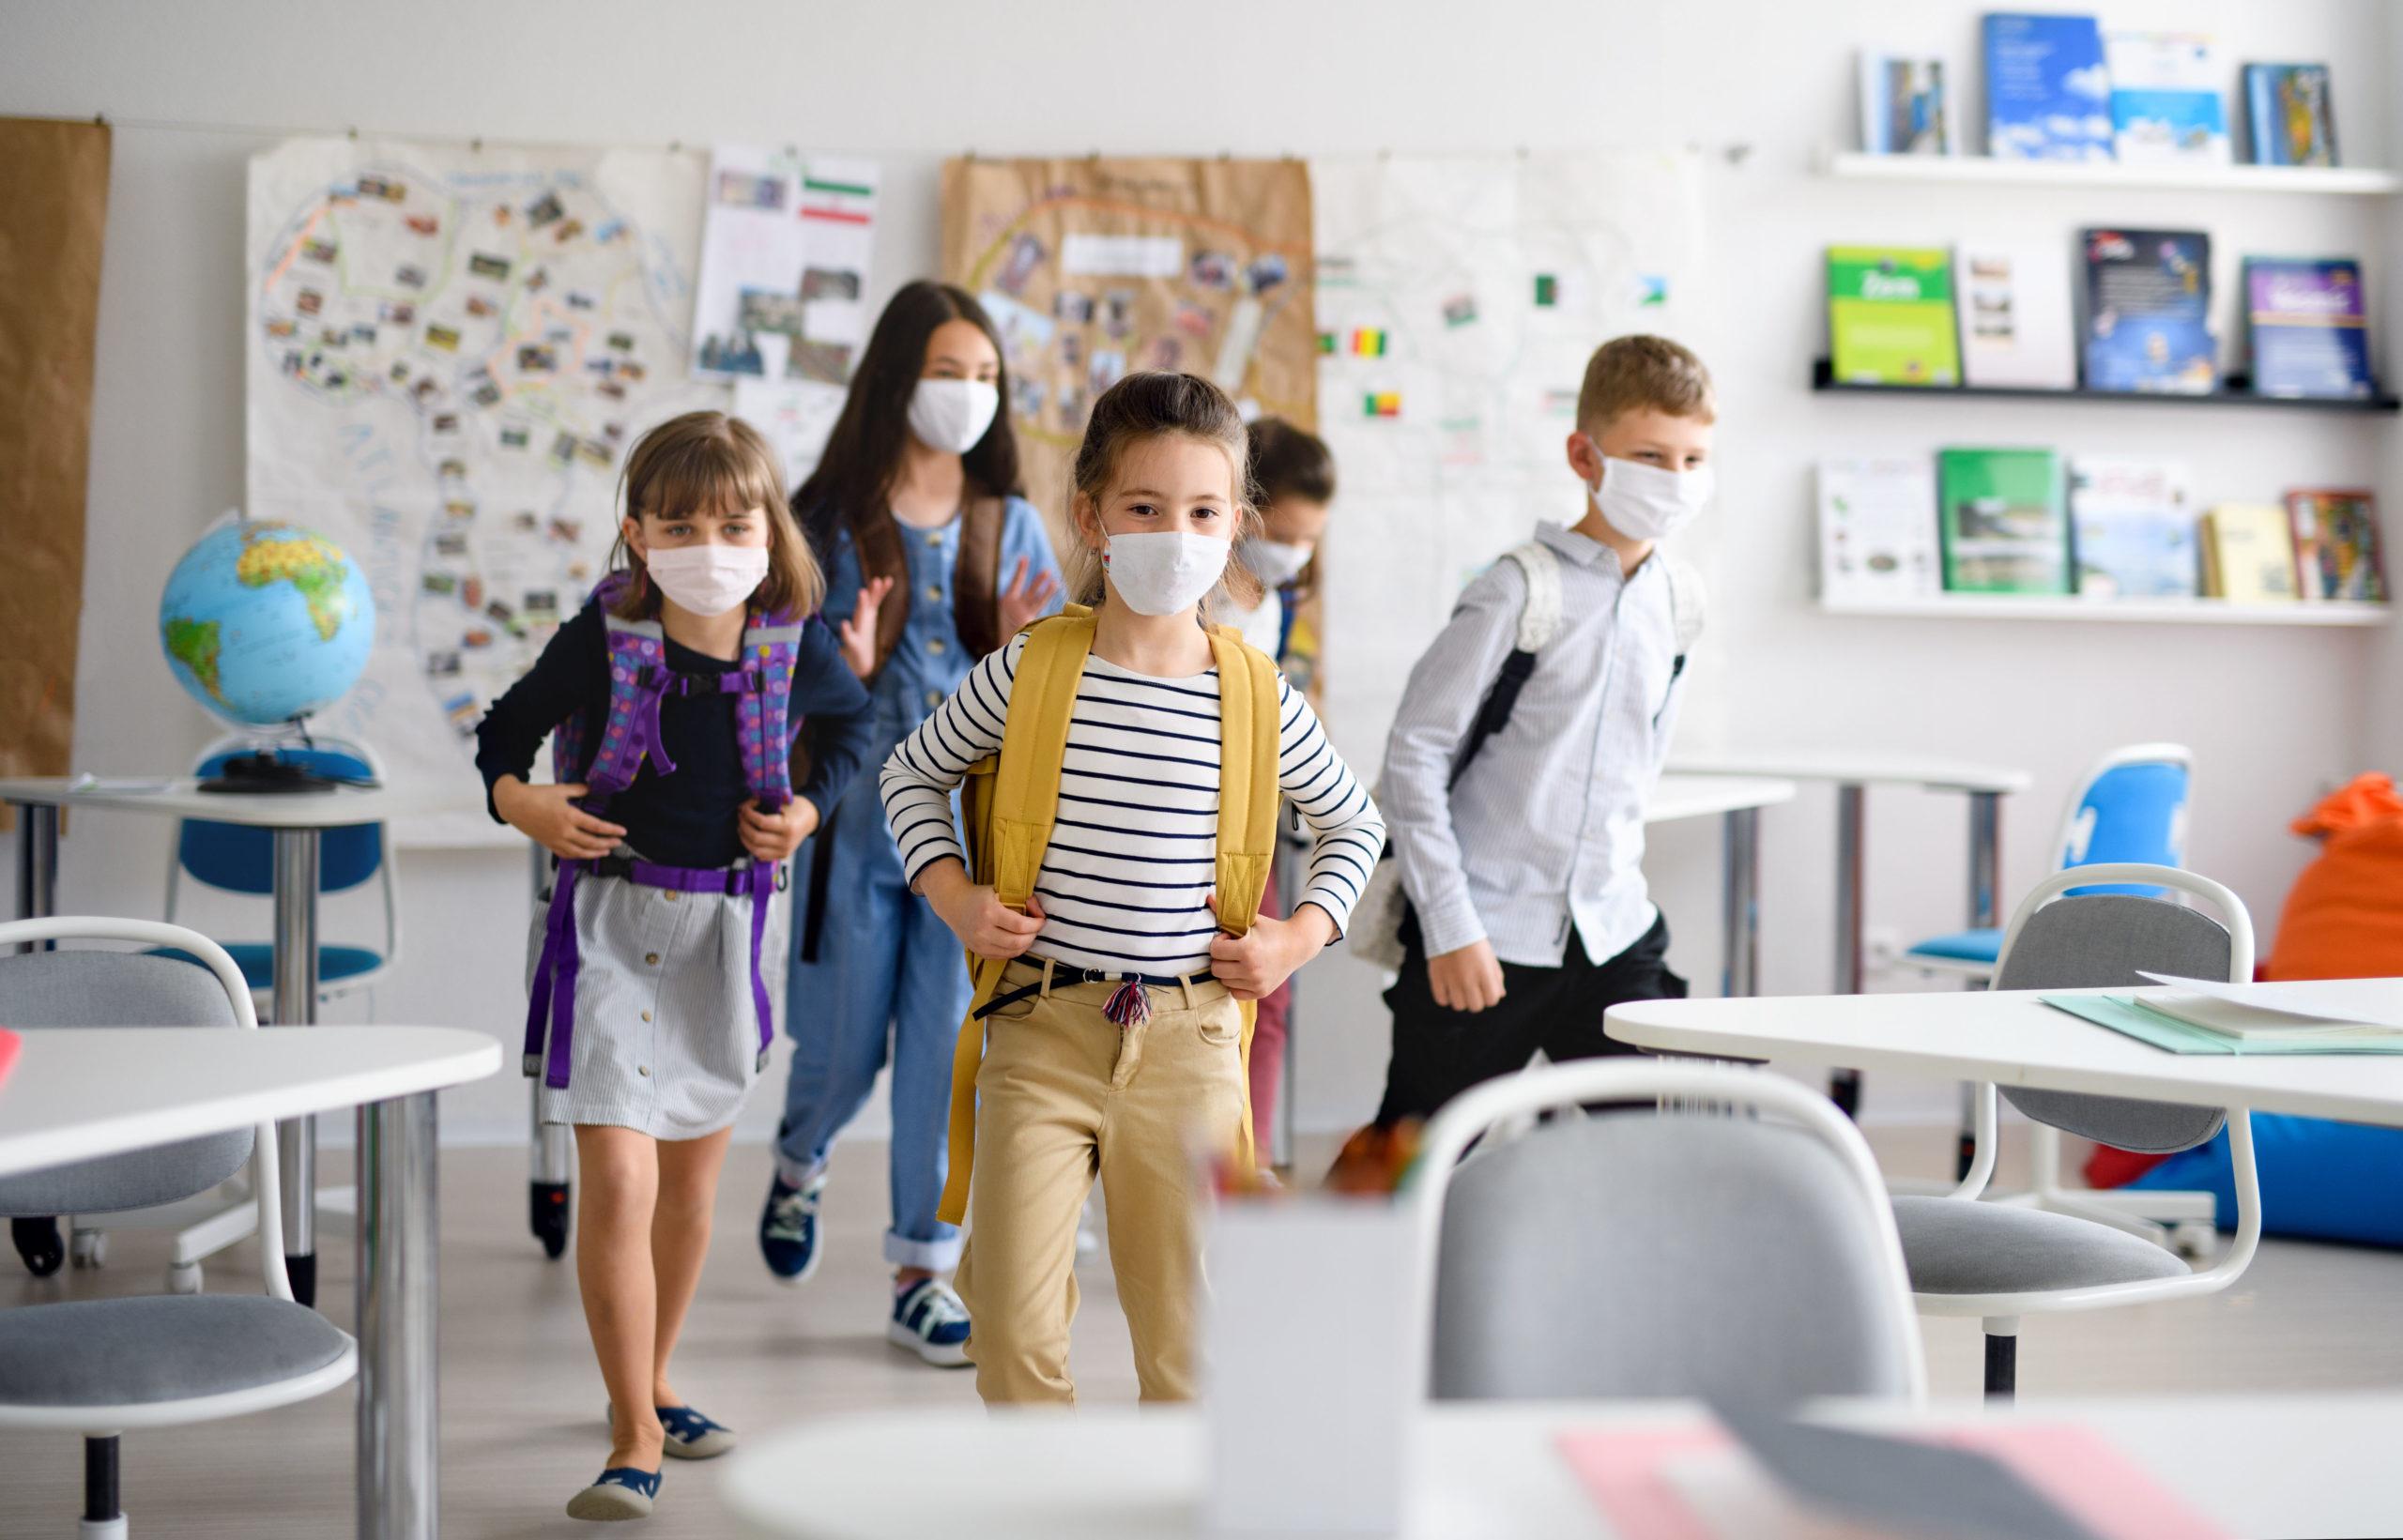 O Projeto Político Pedagógico: um guia para a comunidade escolar em tempos de pandemia